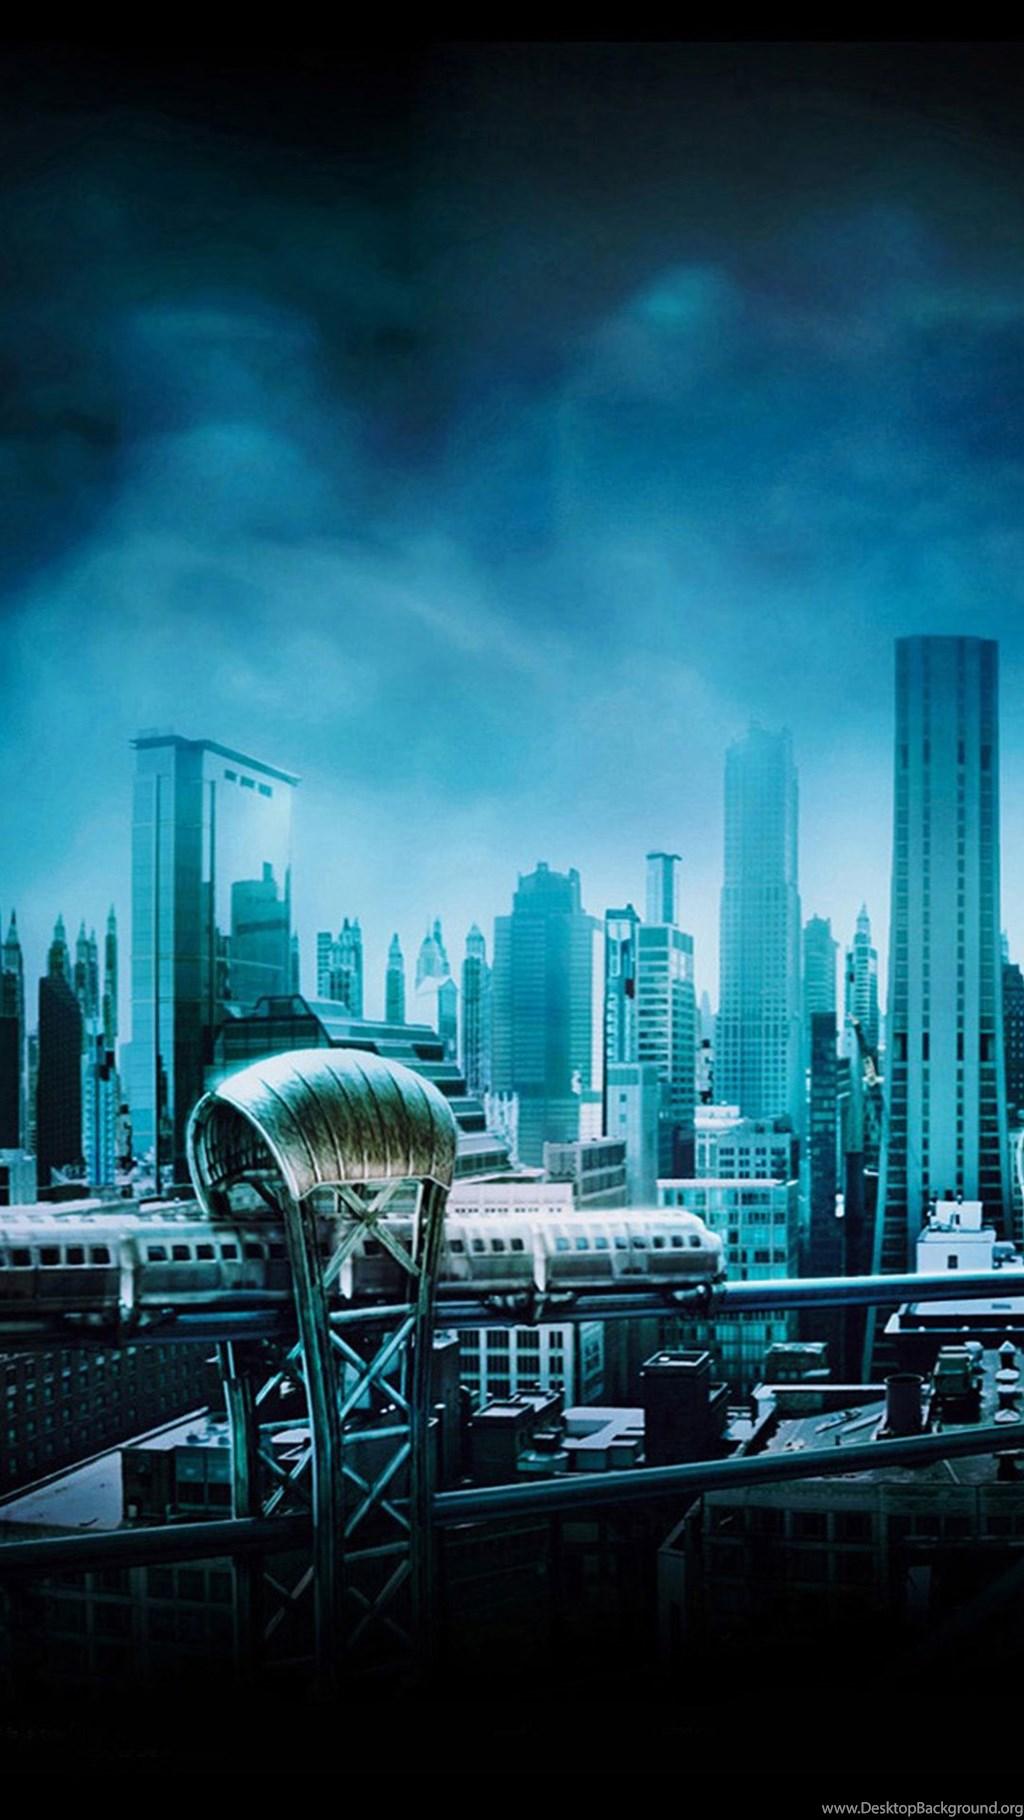 Download Gotham City Download Wallpaper - Batman Dark Knight Backgrounds , HD Wallpaper & Backgrounds